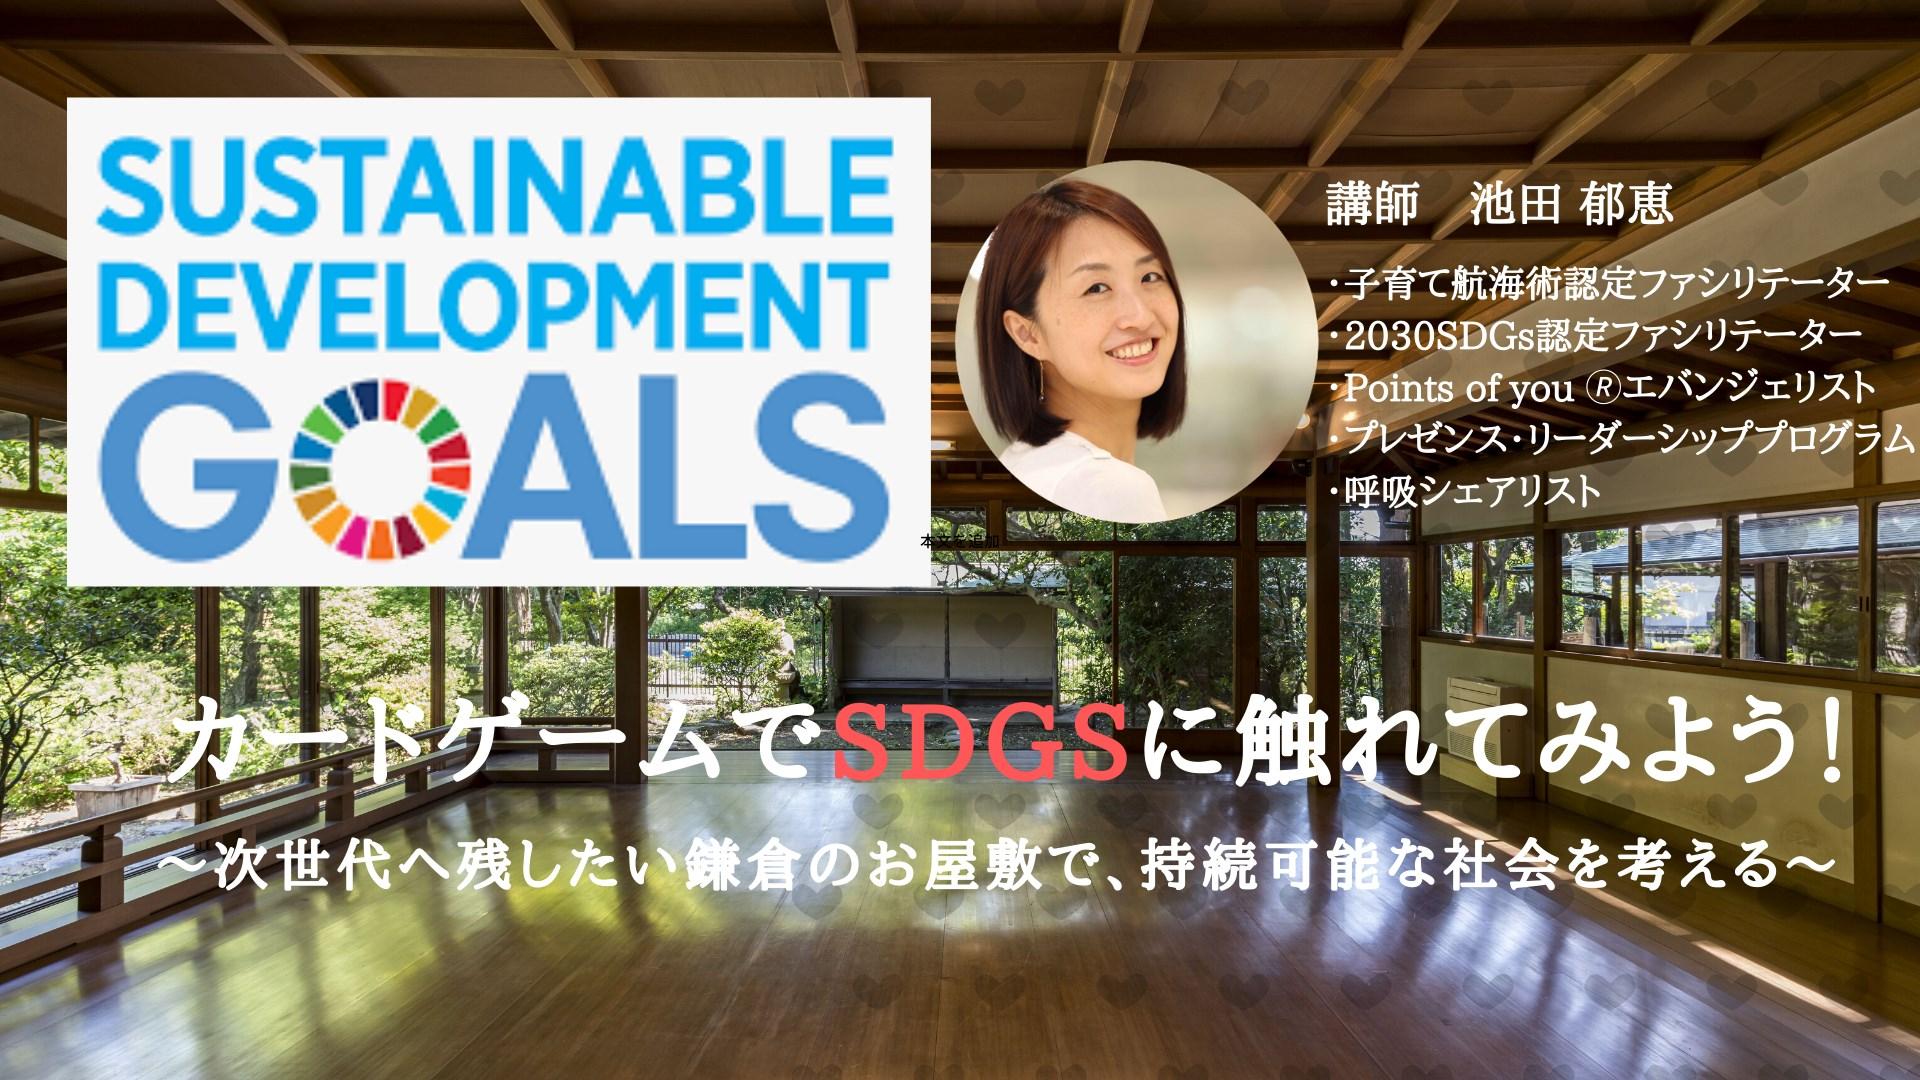 カードゲームでSDGsに触れてみよう!~次世代へ残したい鎌倉のお屋敷で、持続可能な社会を考える~